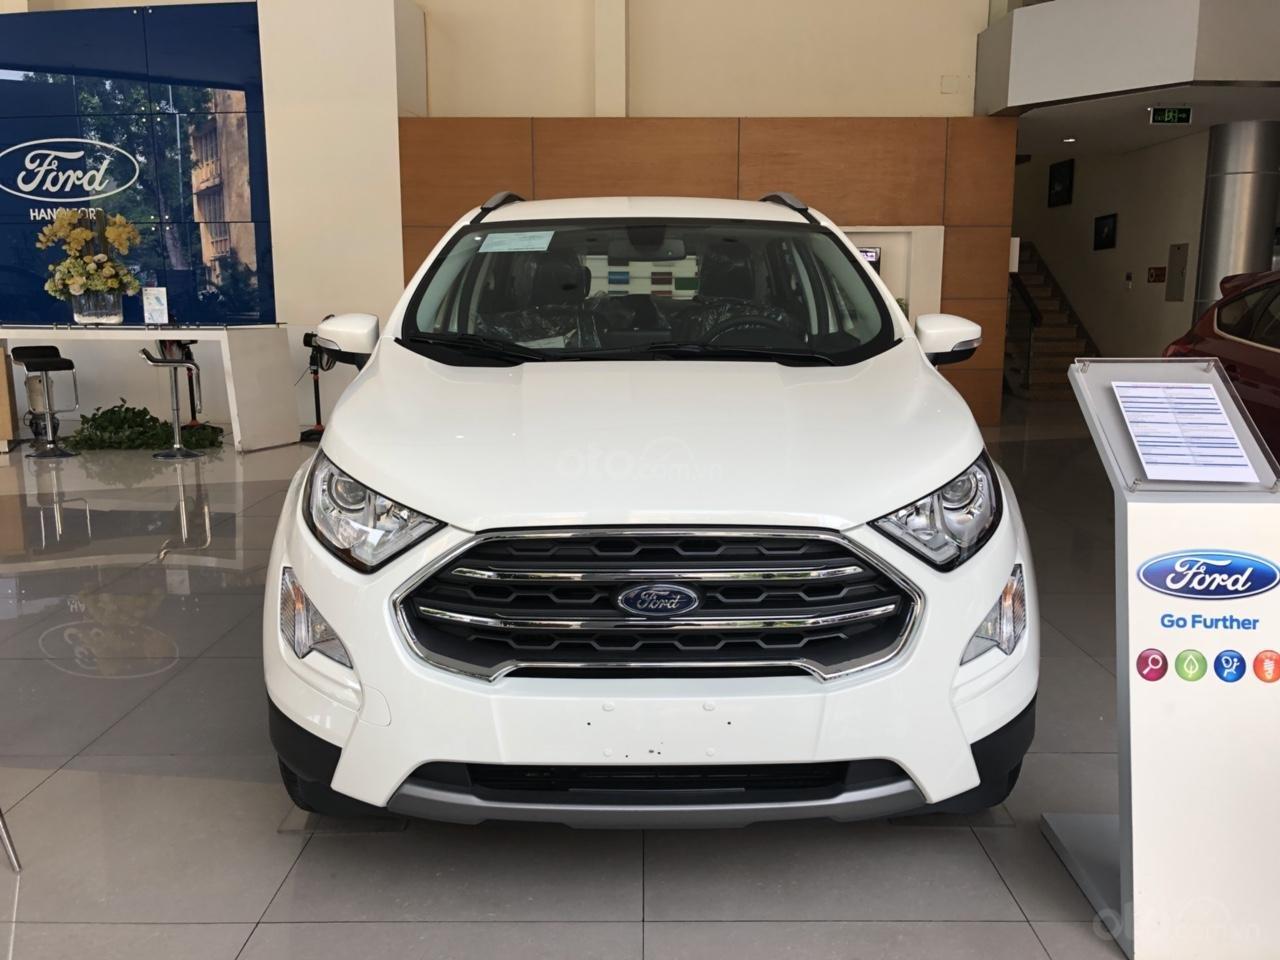 Giảm giá Ford Ecosport 2019, mới 100% giá cực rẻ, tặng phụ kiện, hỗ trợ trả góp 80%, LH 0794.21.9999-0